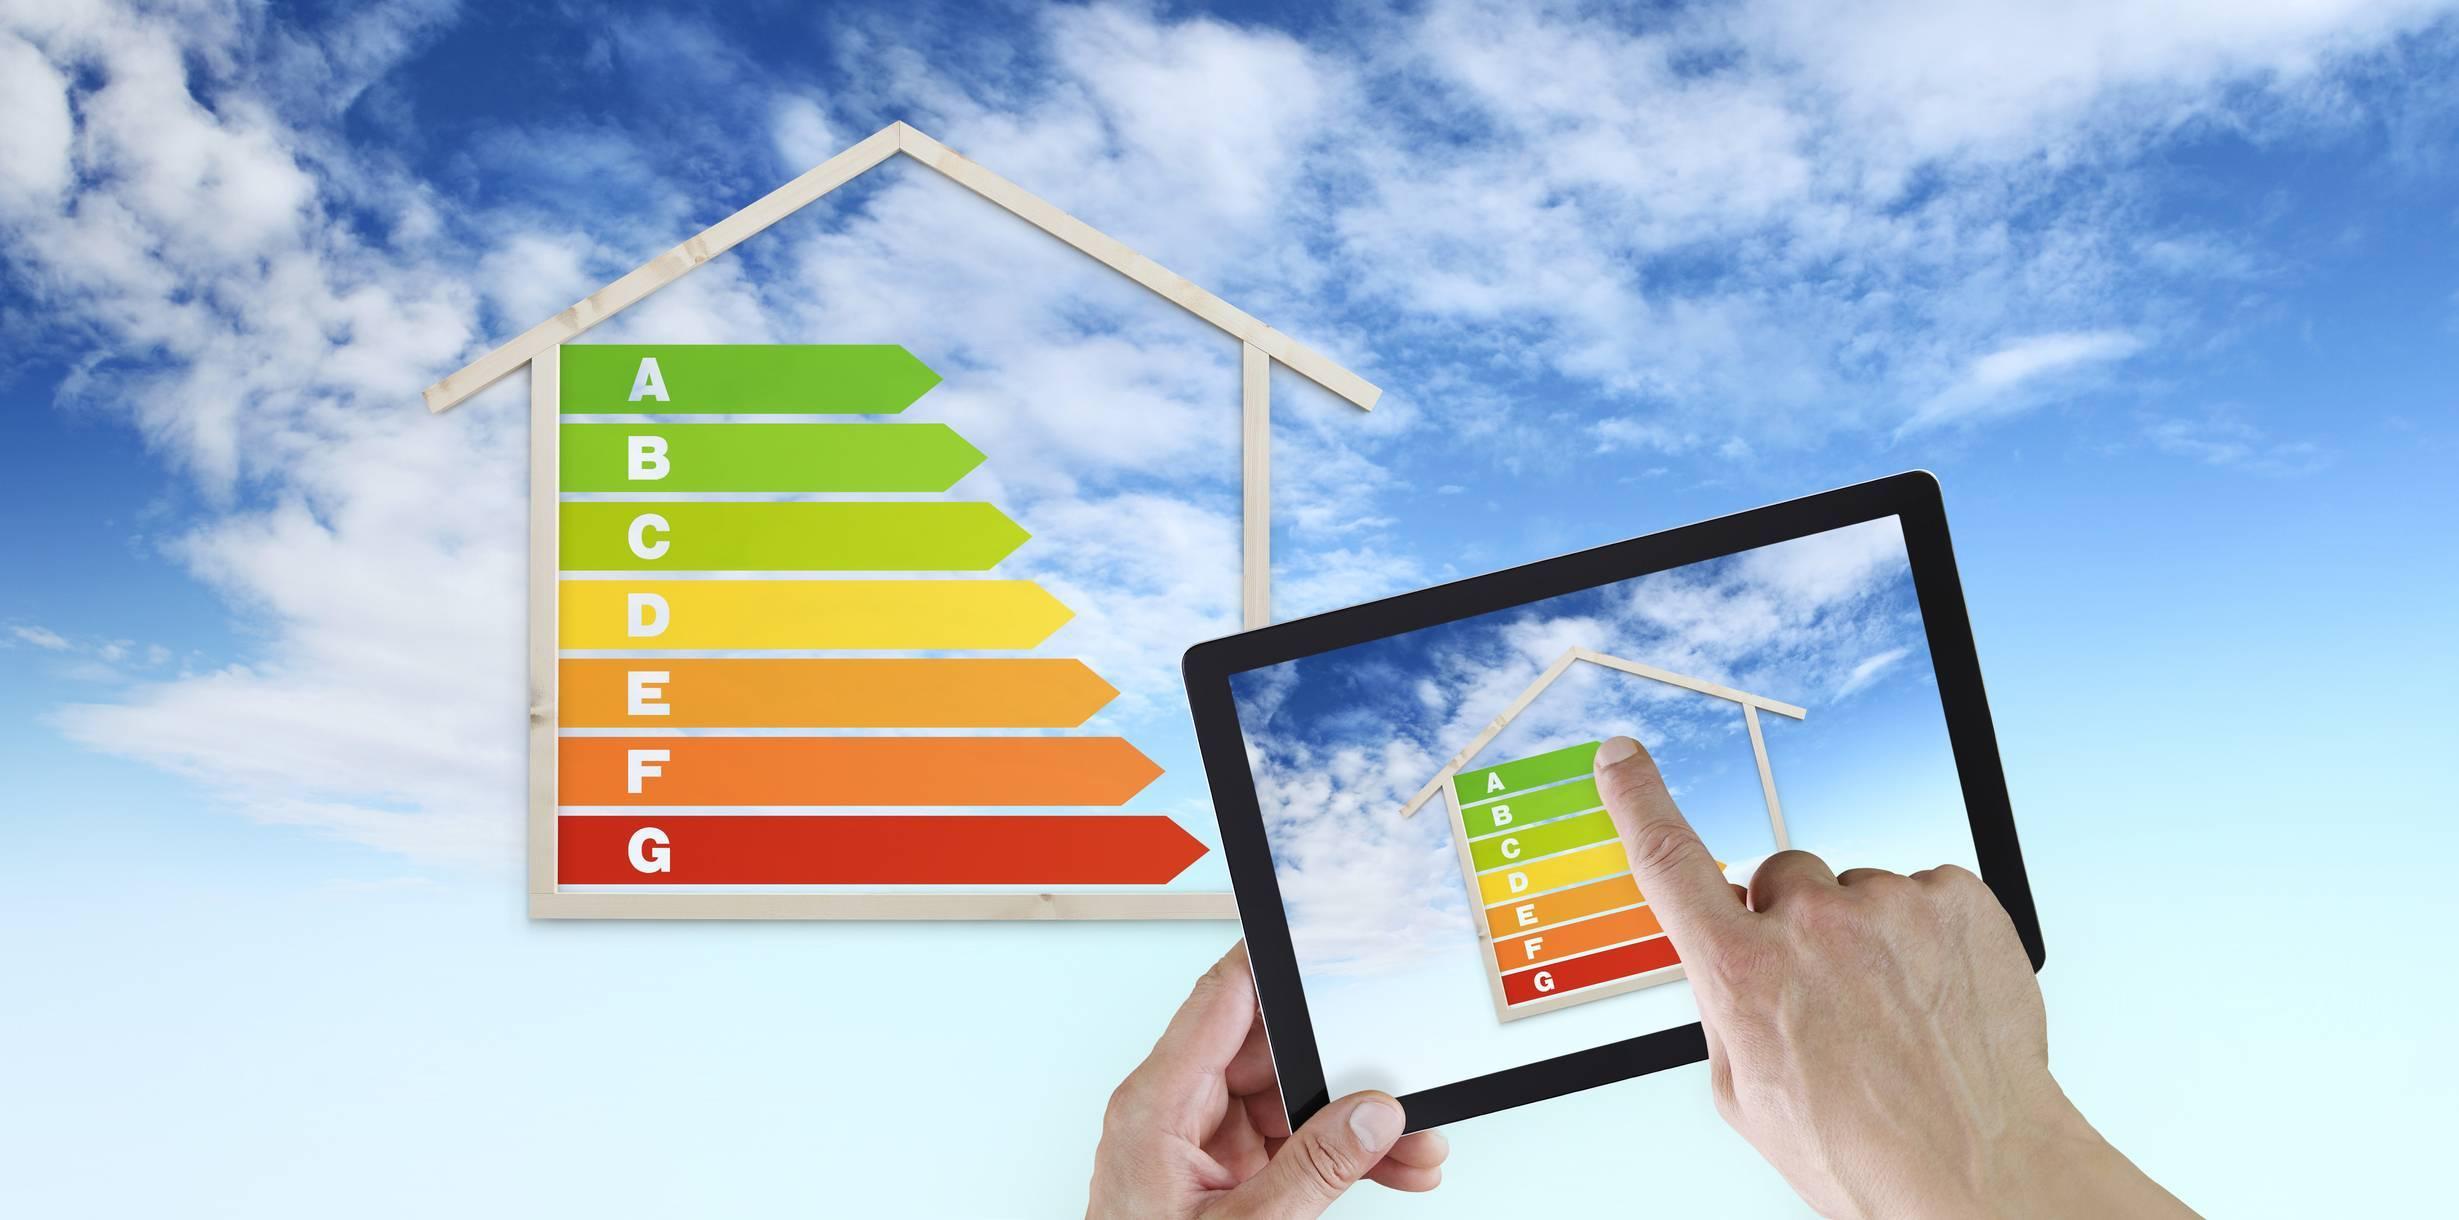 rénovation énergétique, les aides en 2021